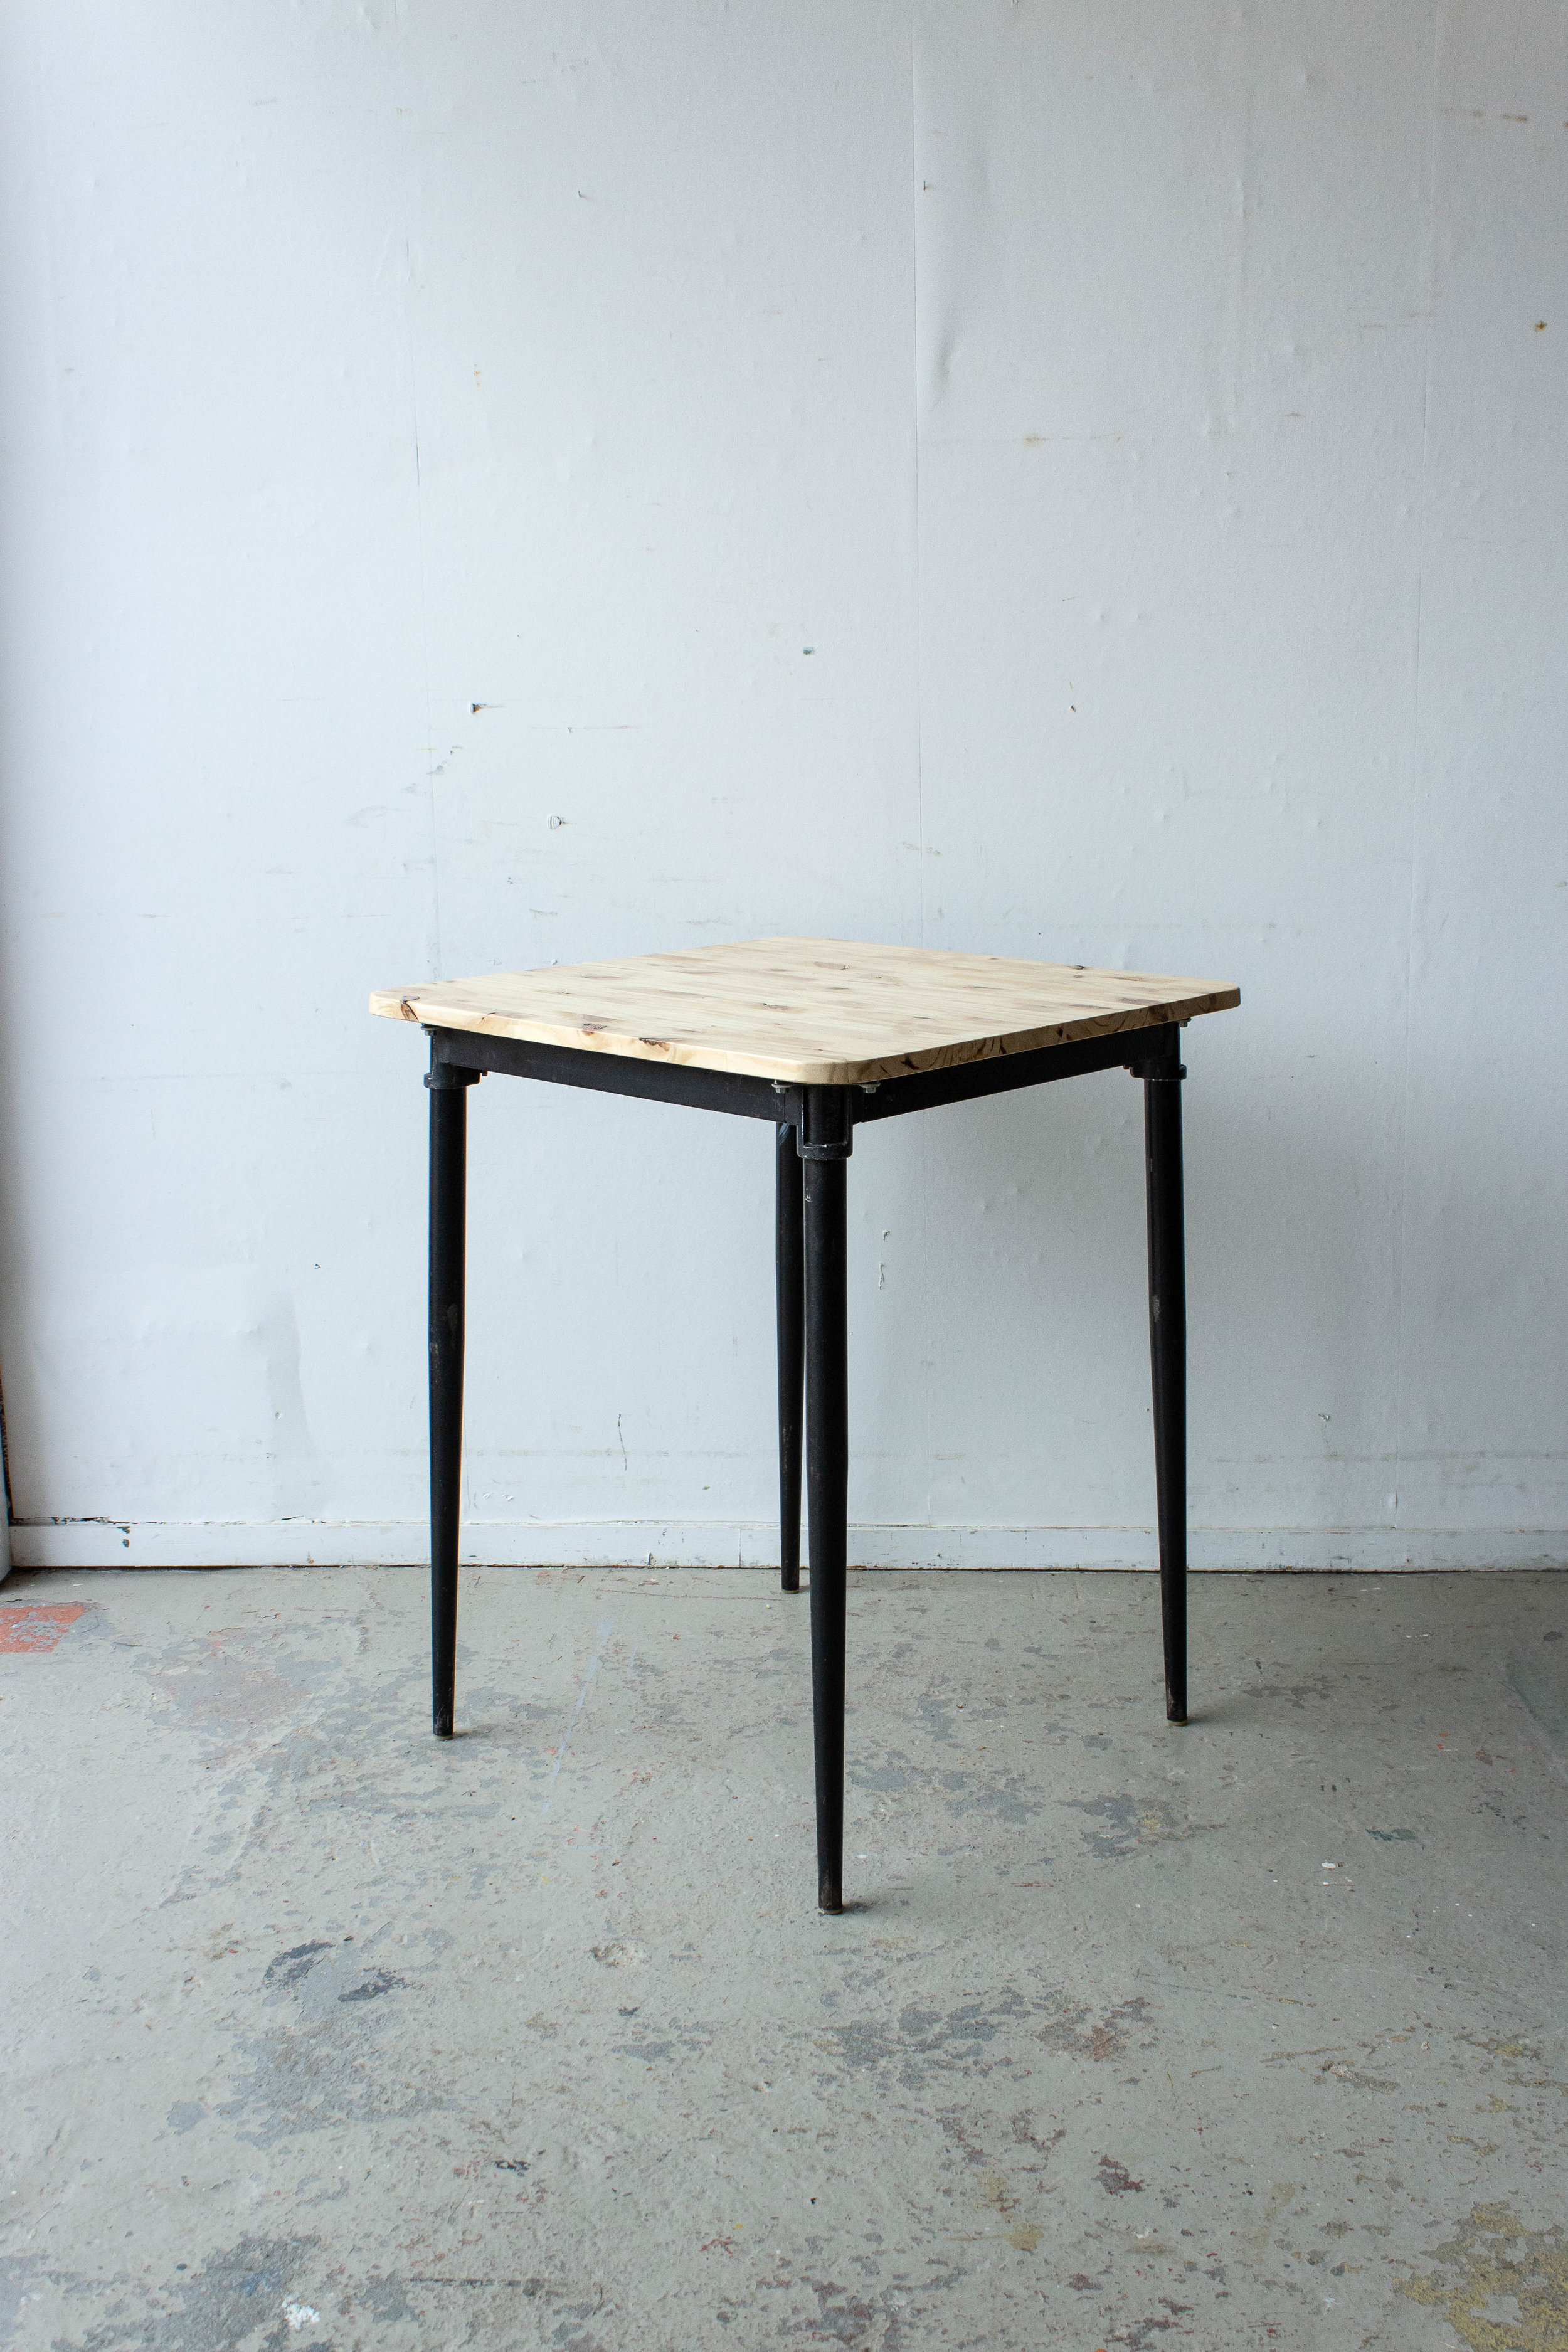 3189 - Eenpersoons schooltafel met zwarte puntpootjes-6.jpg